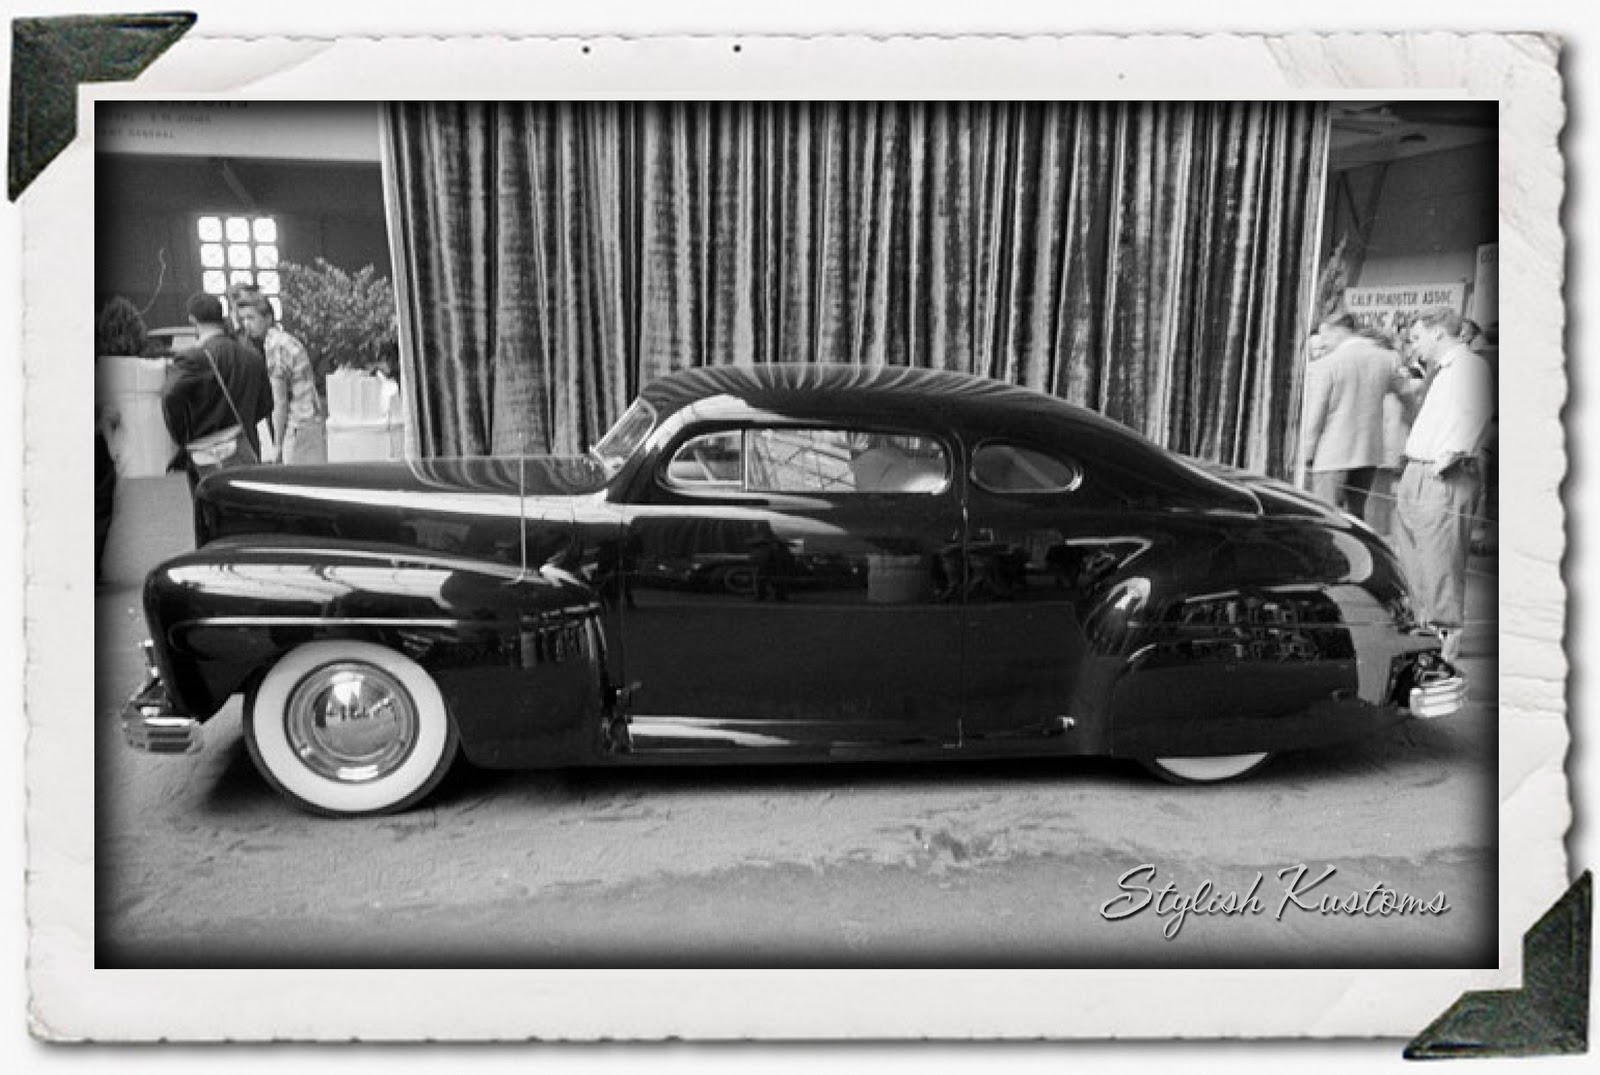 1942 Ford Kustom